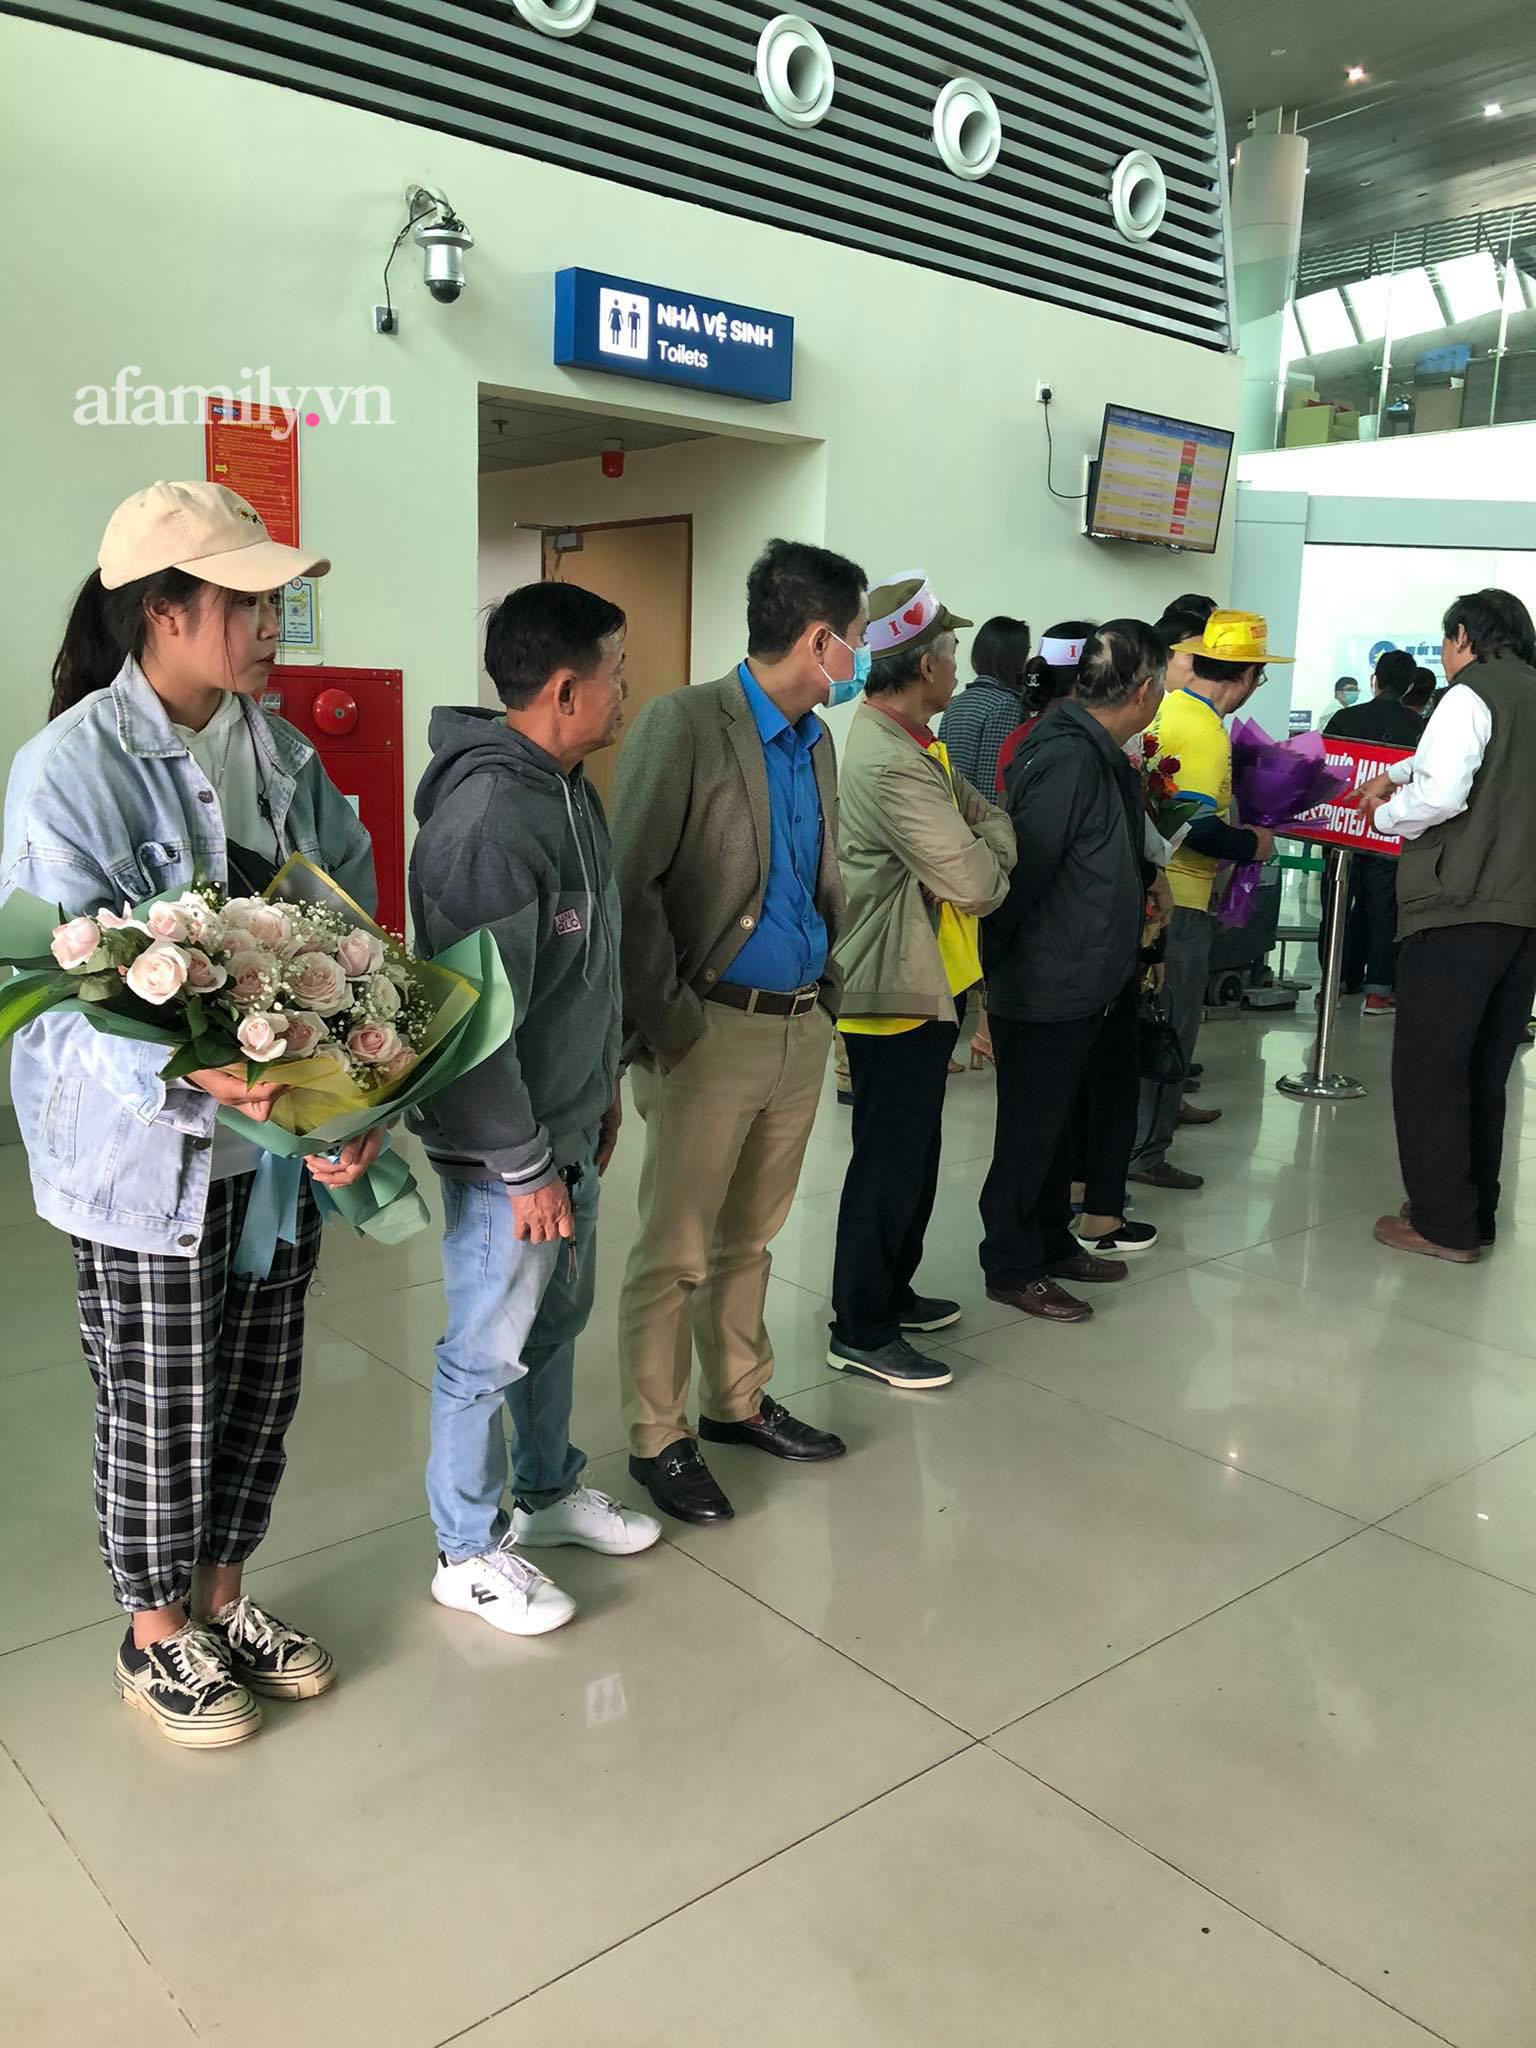 Người dân tập trung đông ở sân bay chào mừng Đỗ Thị Hà về quê sau hơn 1 tuần đăng quang Hoa hậu Việt Nam-3